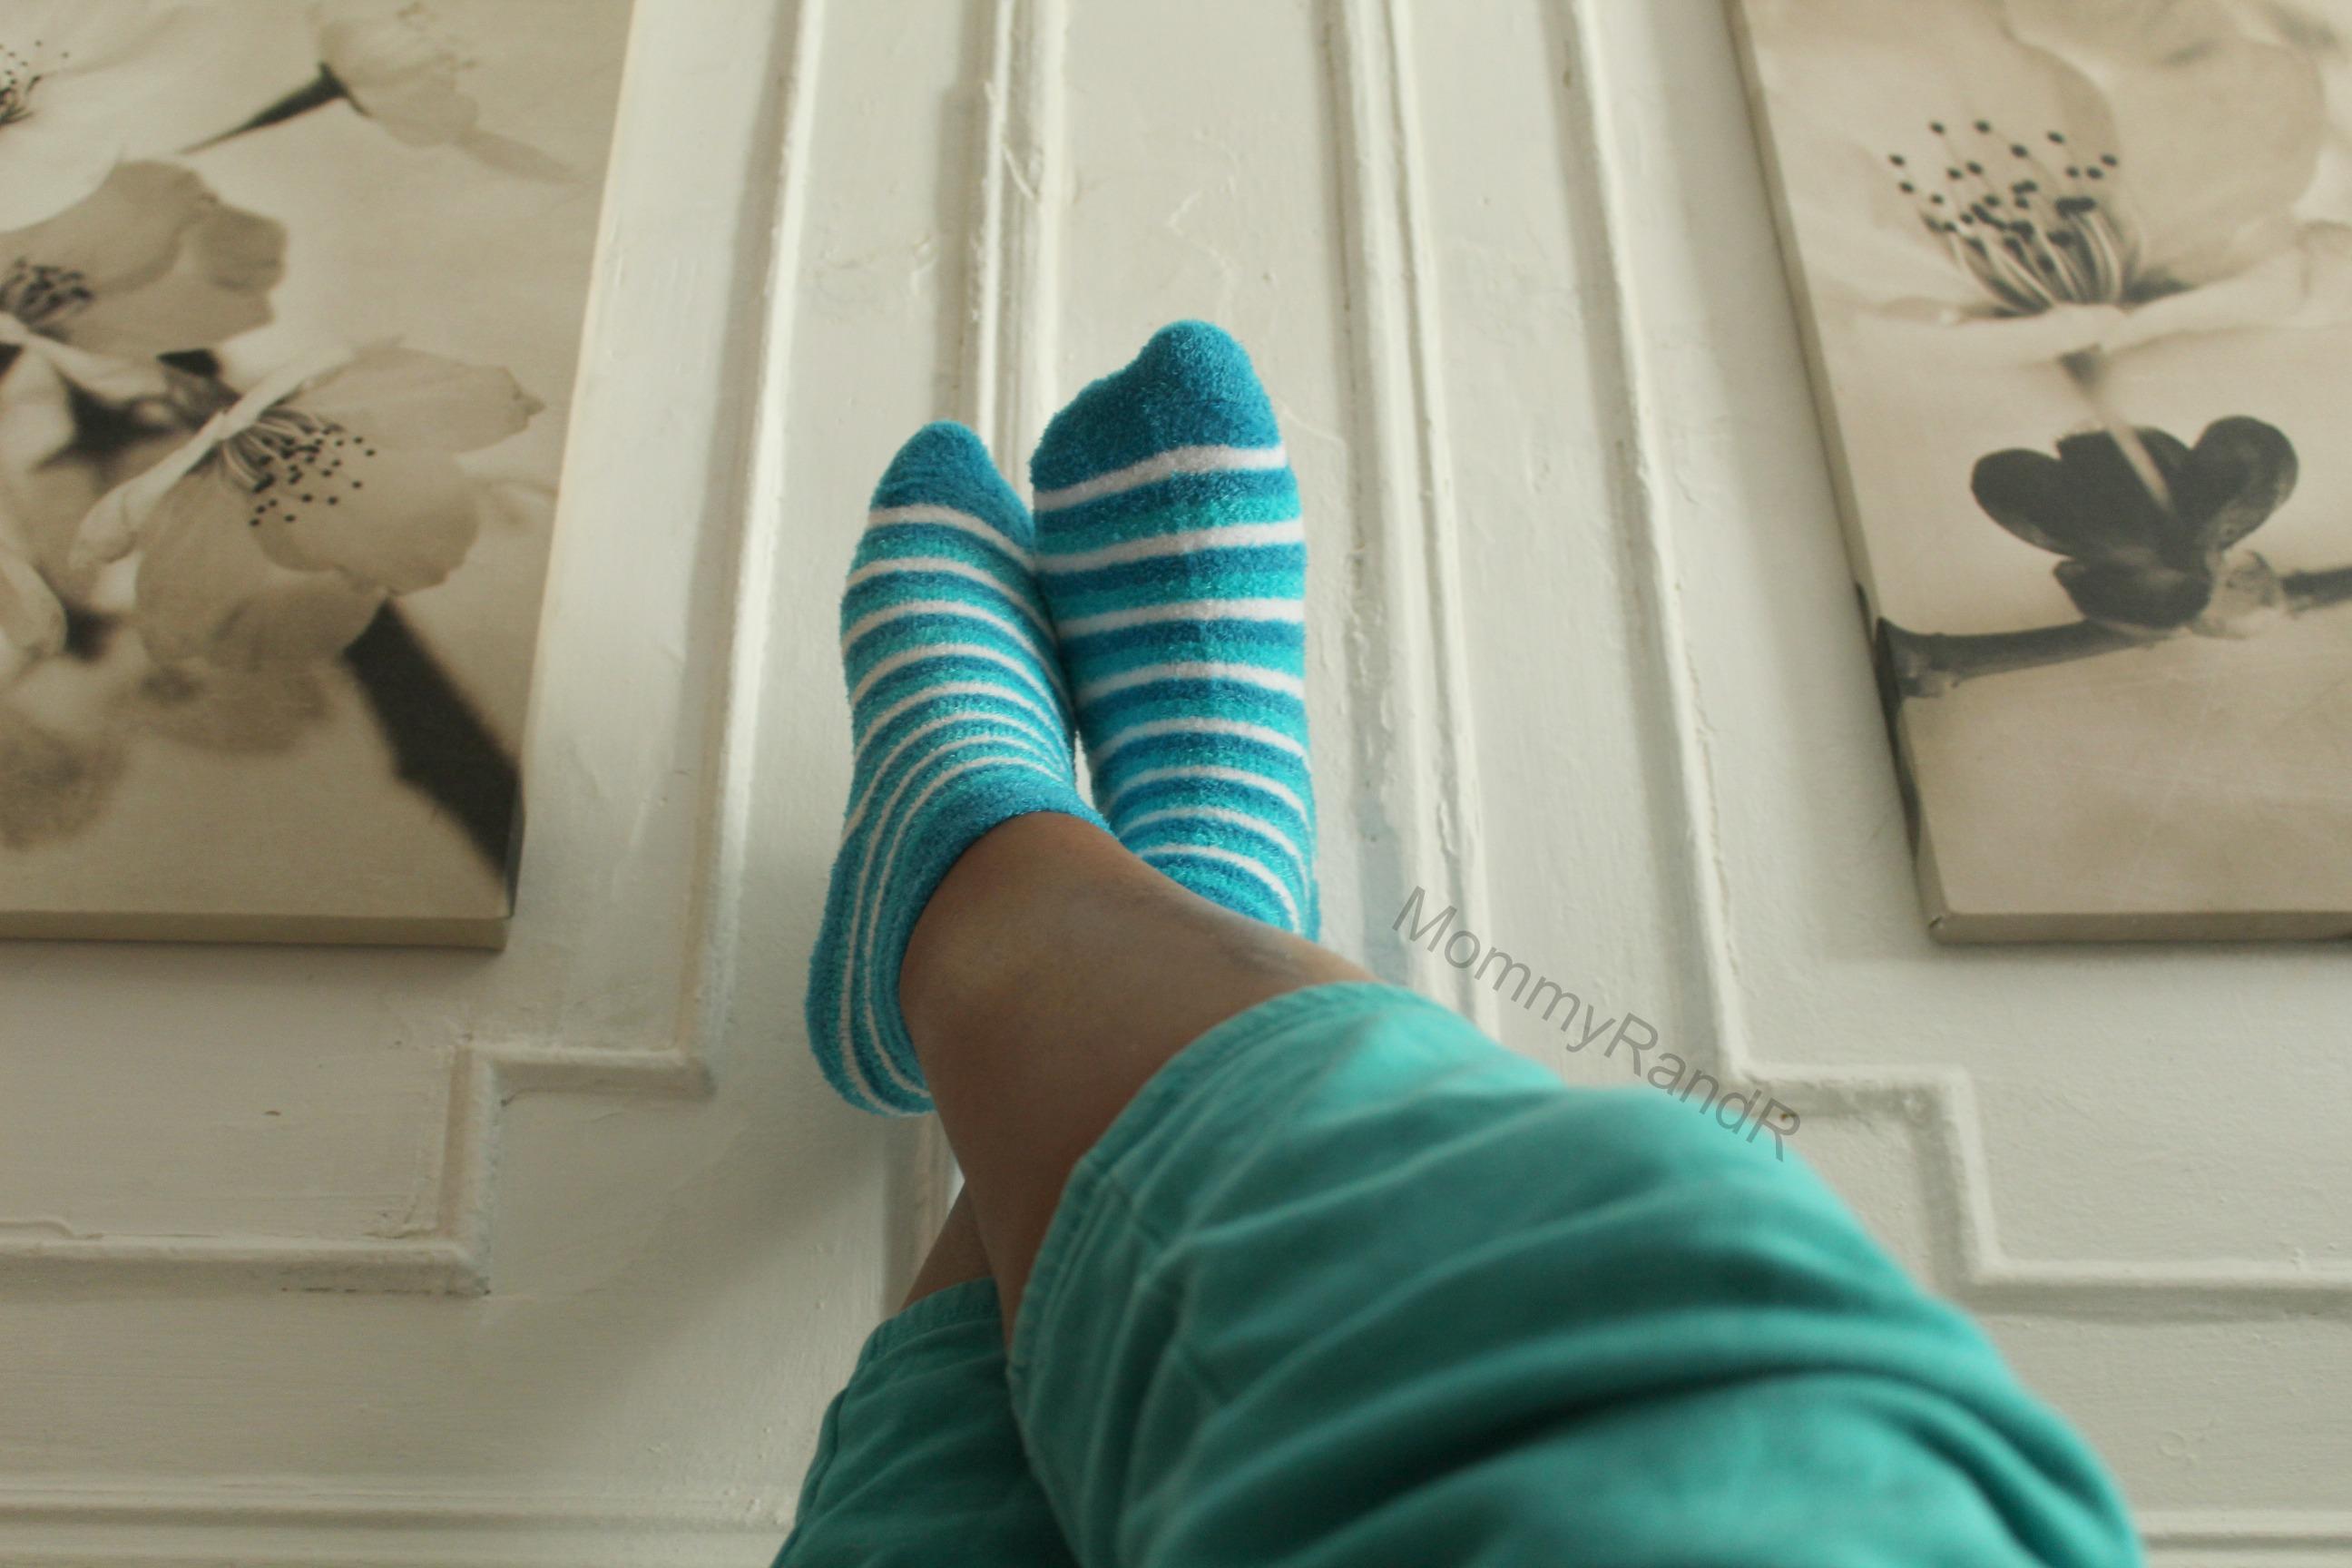 airplus footwear accessories